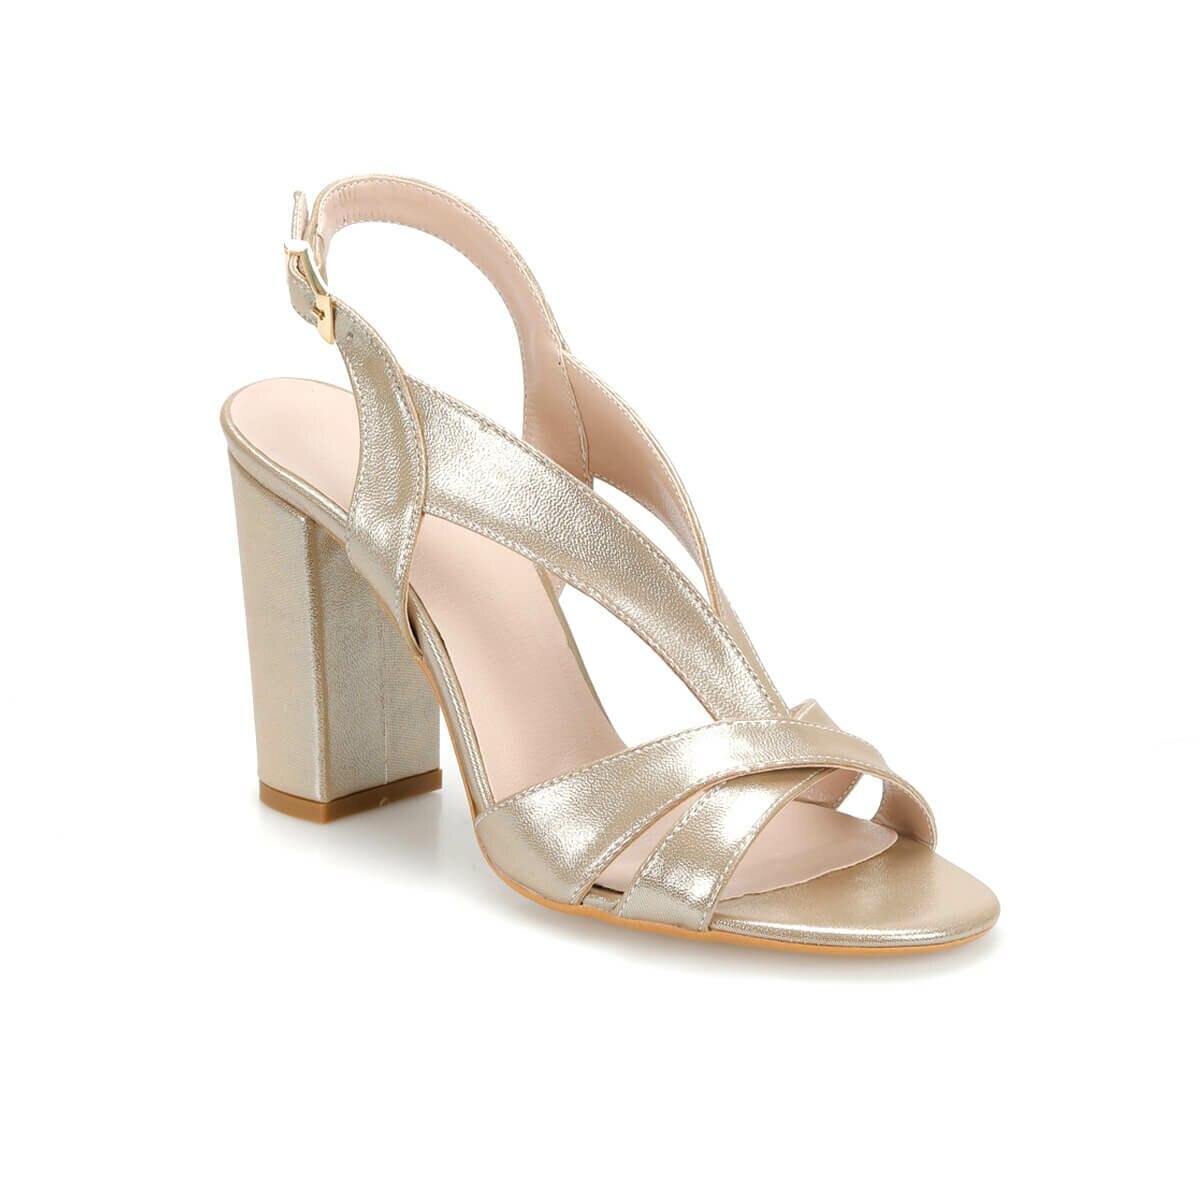 FLO DS19065 Gold Women 'S High-Heeled Sandals Miss F